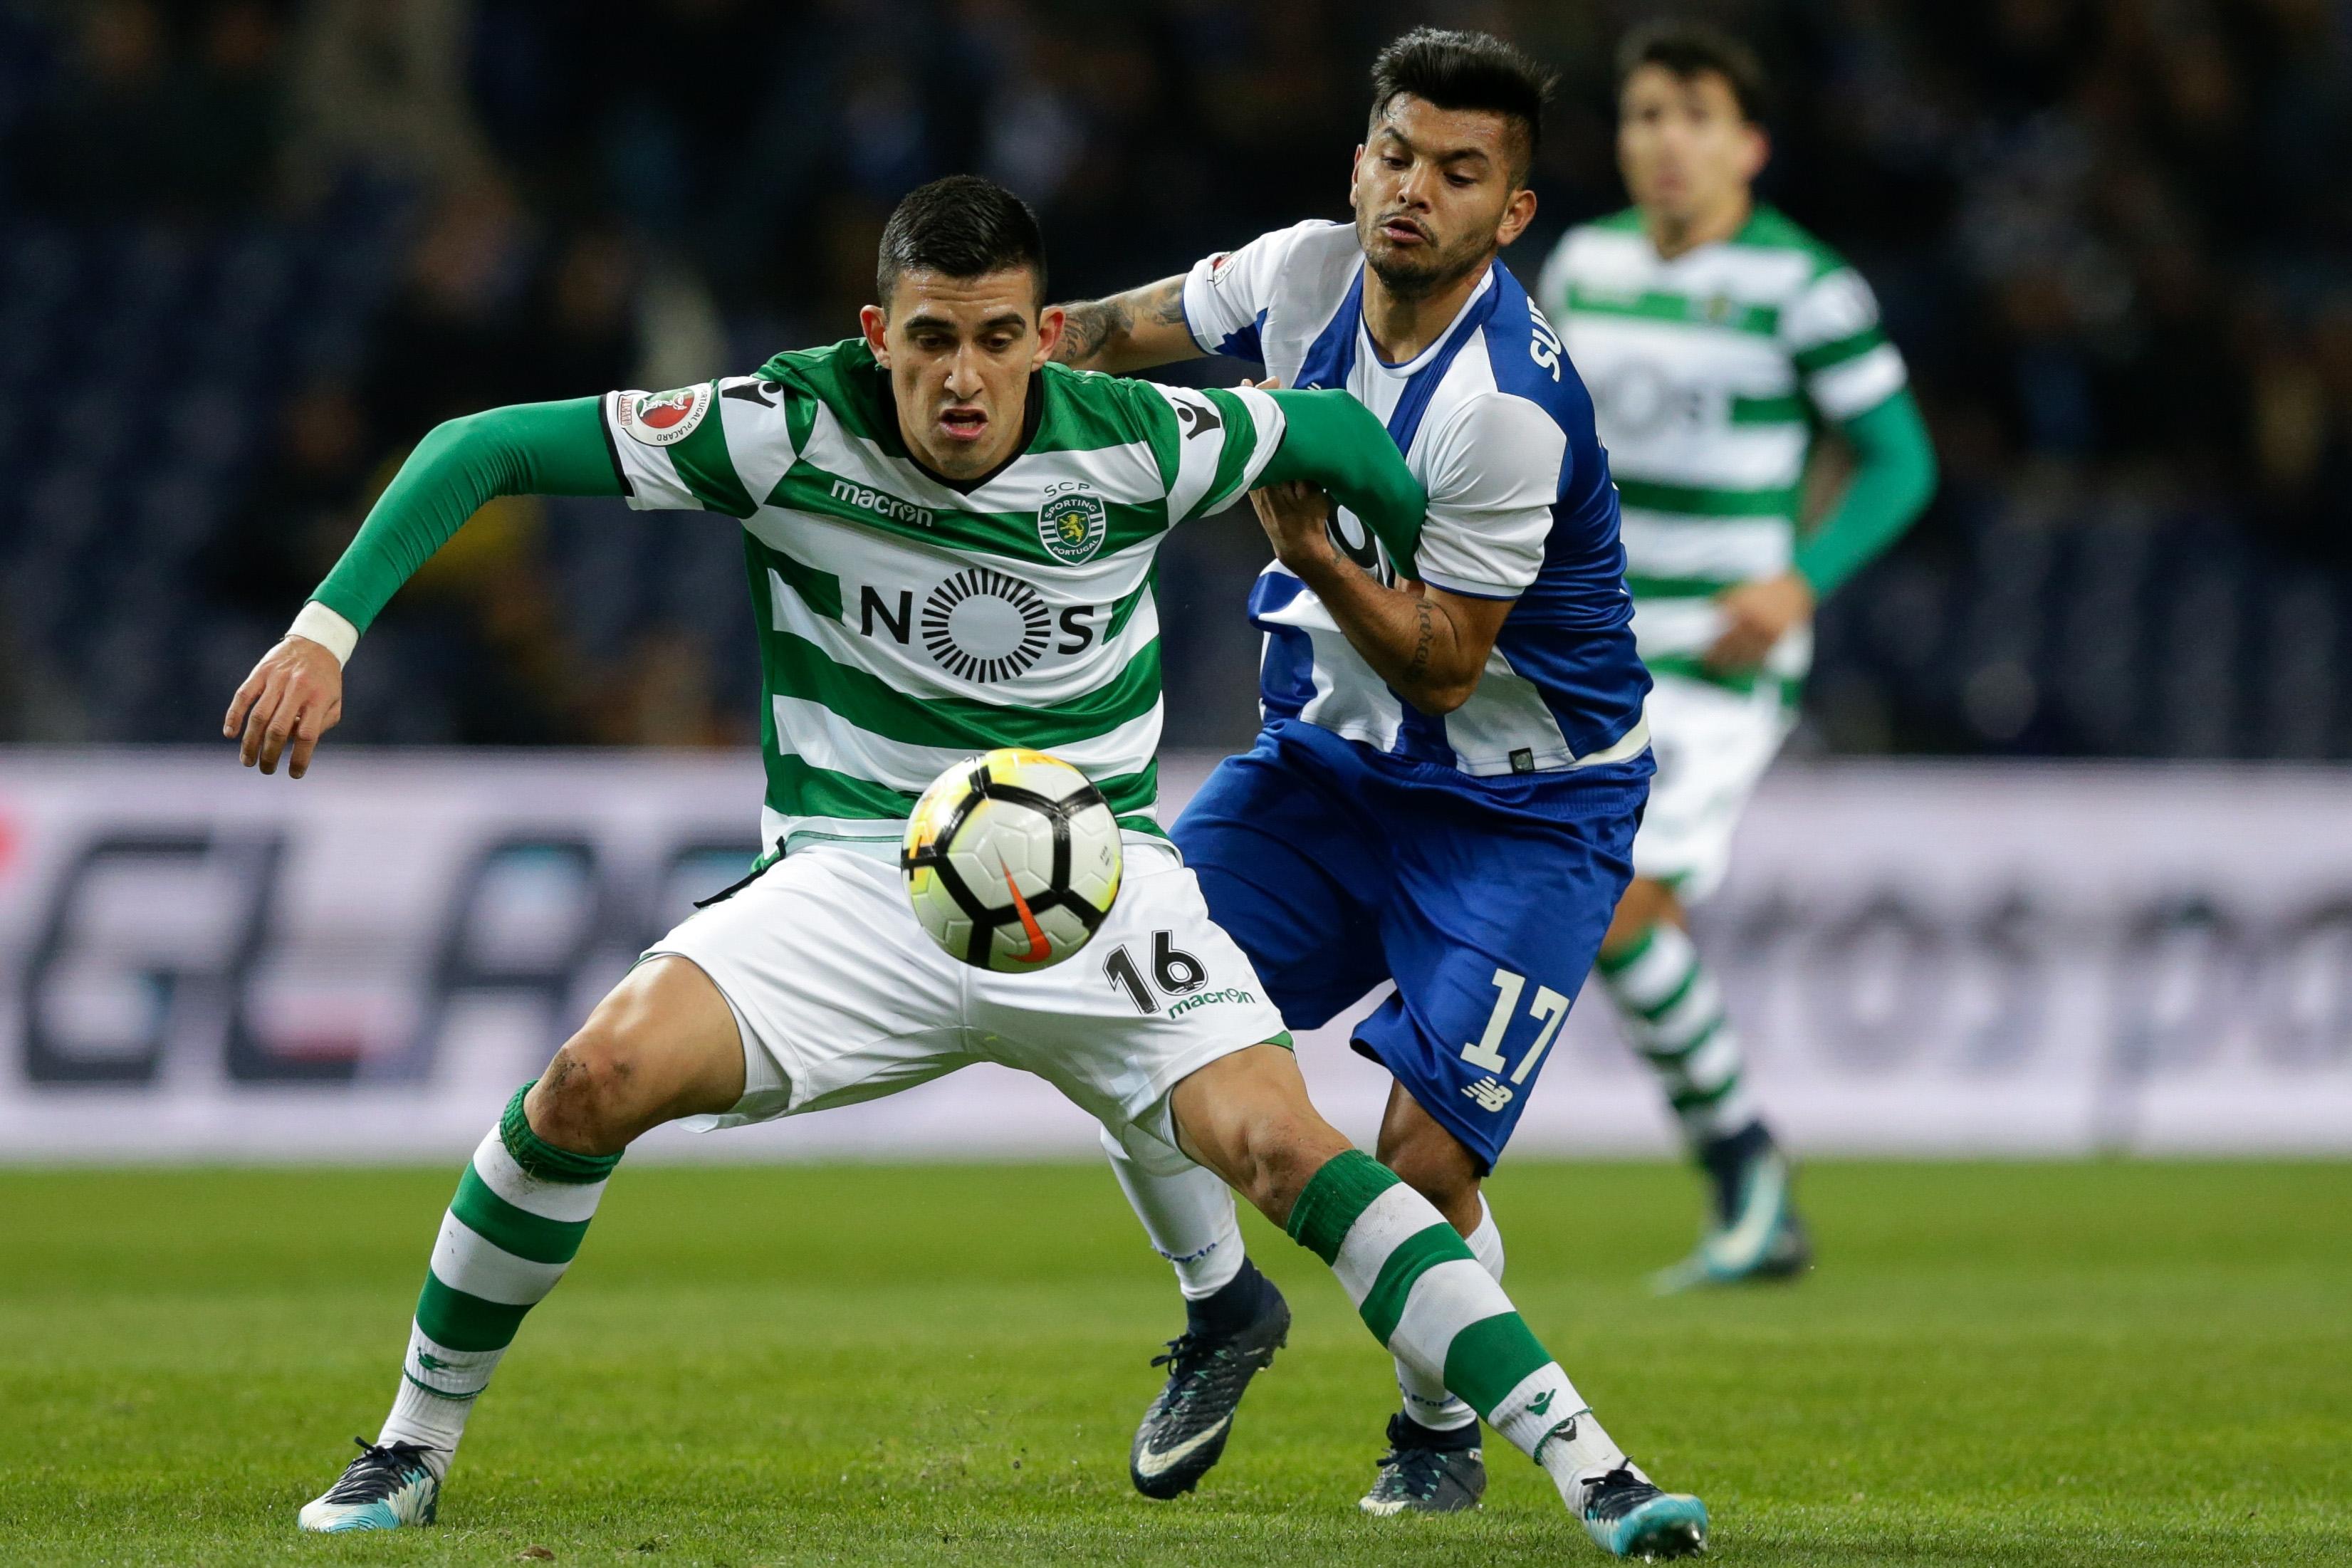 Sporting volta a vencer na compensação (1-0)